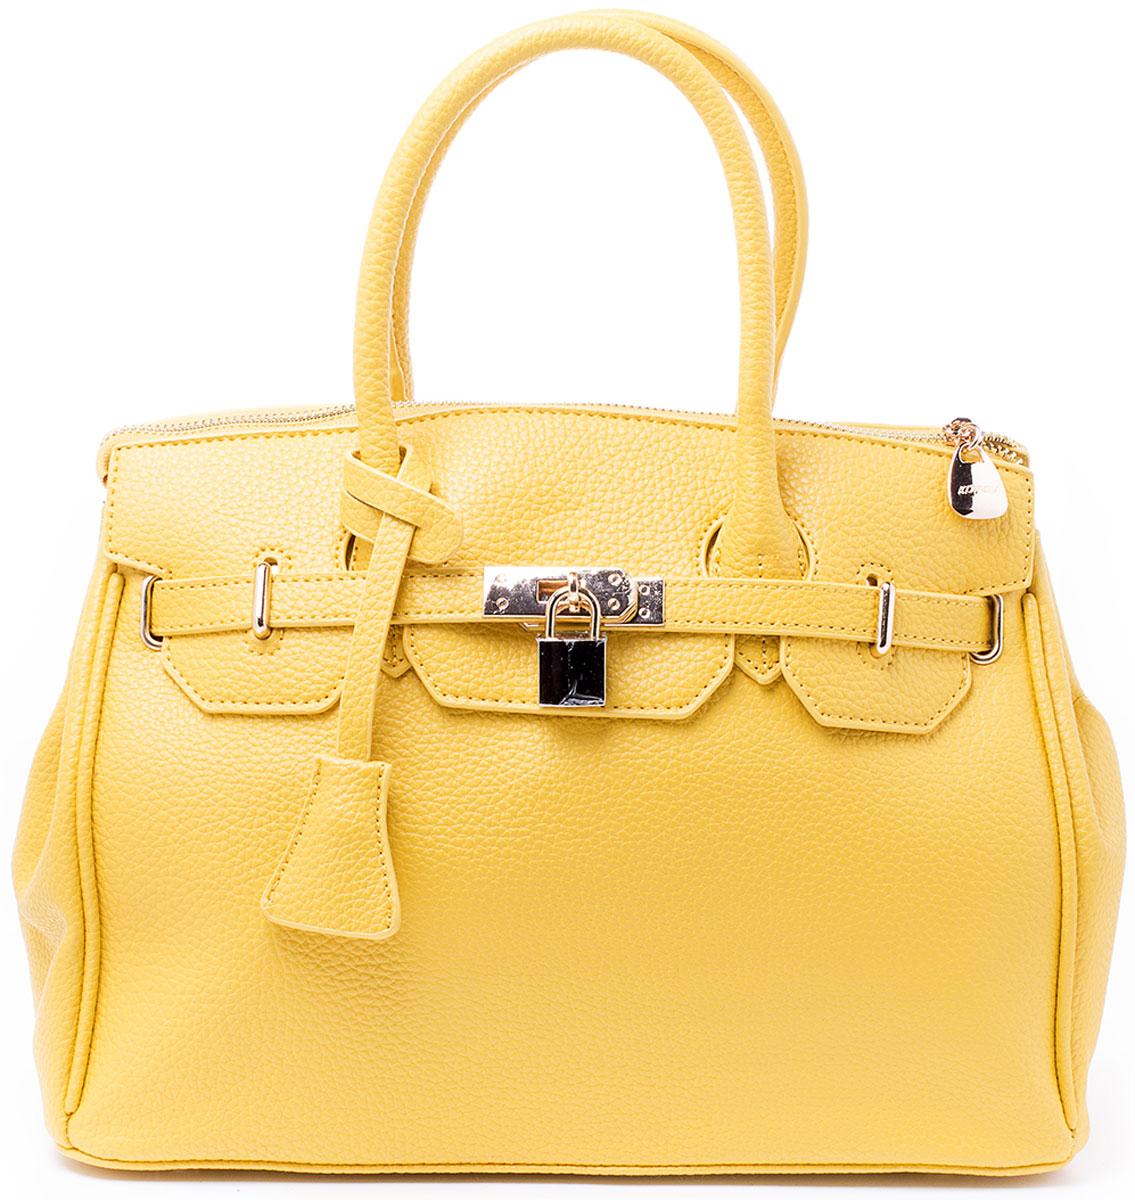 Сумка женская Kordia, цвет: желтый. 916-8182/8271069с-2Классическая сумка Kordia исполнена из высококачественной экокожи и имеет одно большое отделение на застежке-молнии. Внутри отделения находятся два накладных кармана для мелочей и под сотовый телефон и один прорезной карман на застежке-молнии. Снаружи, на задней стенке сумки, так же находится прорезной карман на молнии. Сумка обладает двумя удобными ручками для переноски и отстегивающимся регулируемым наплечным ремнем, который пристегивается на карабинах к кольцам на задней стенке сумки. Днище сумки защищено от протирания фурнитурными пуклями. Ремень прилагается к сумке.